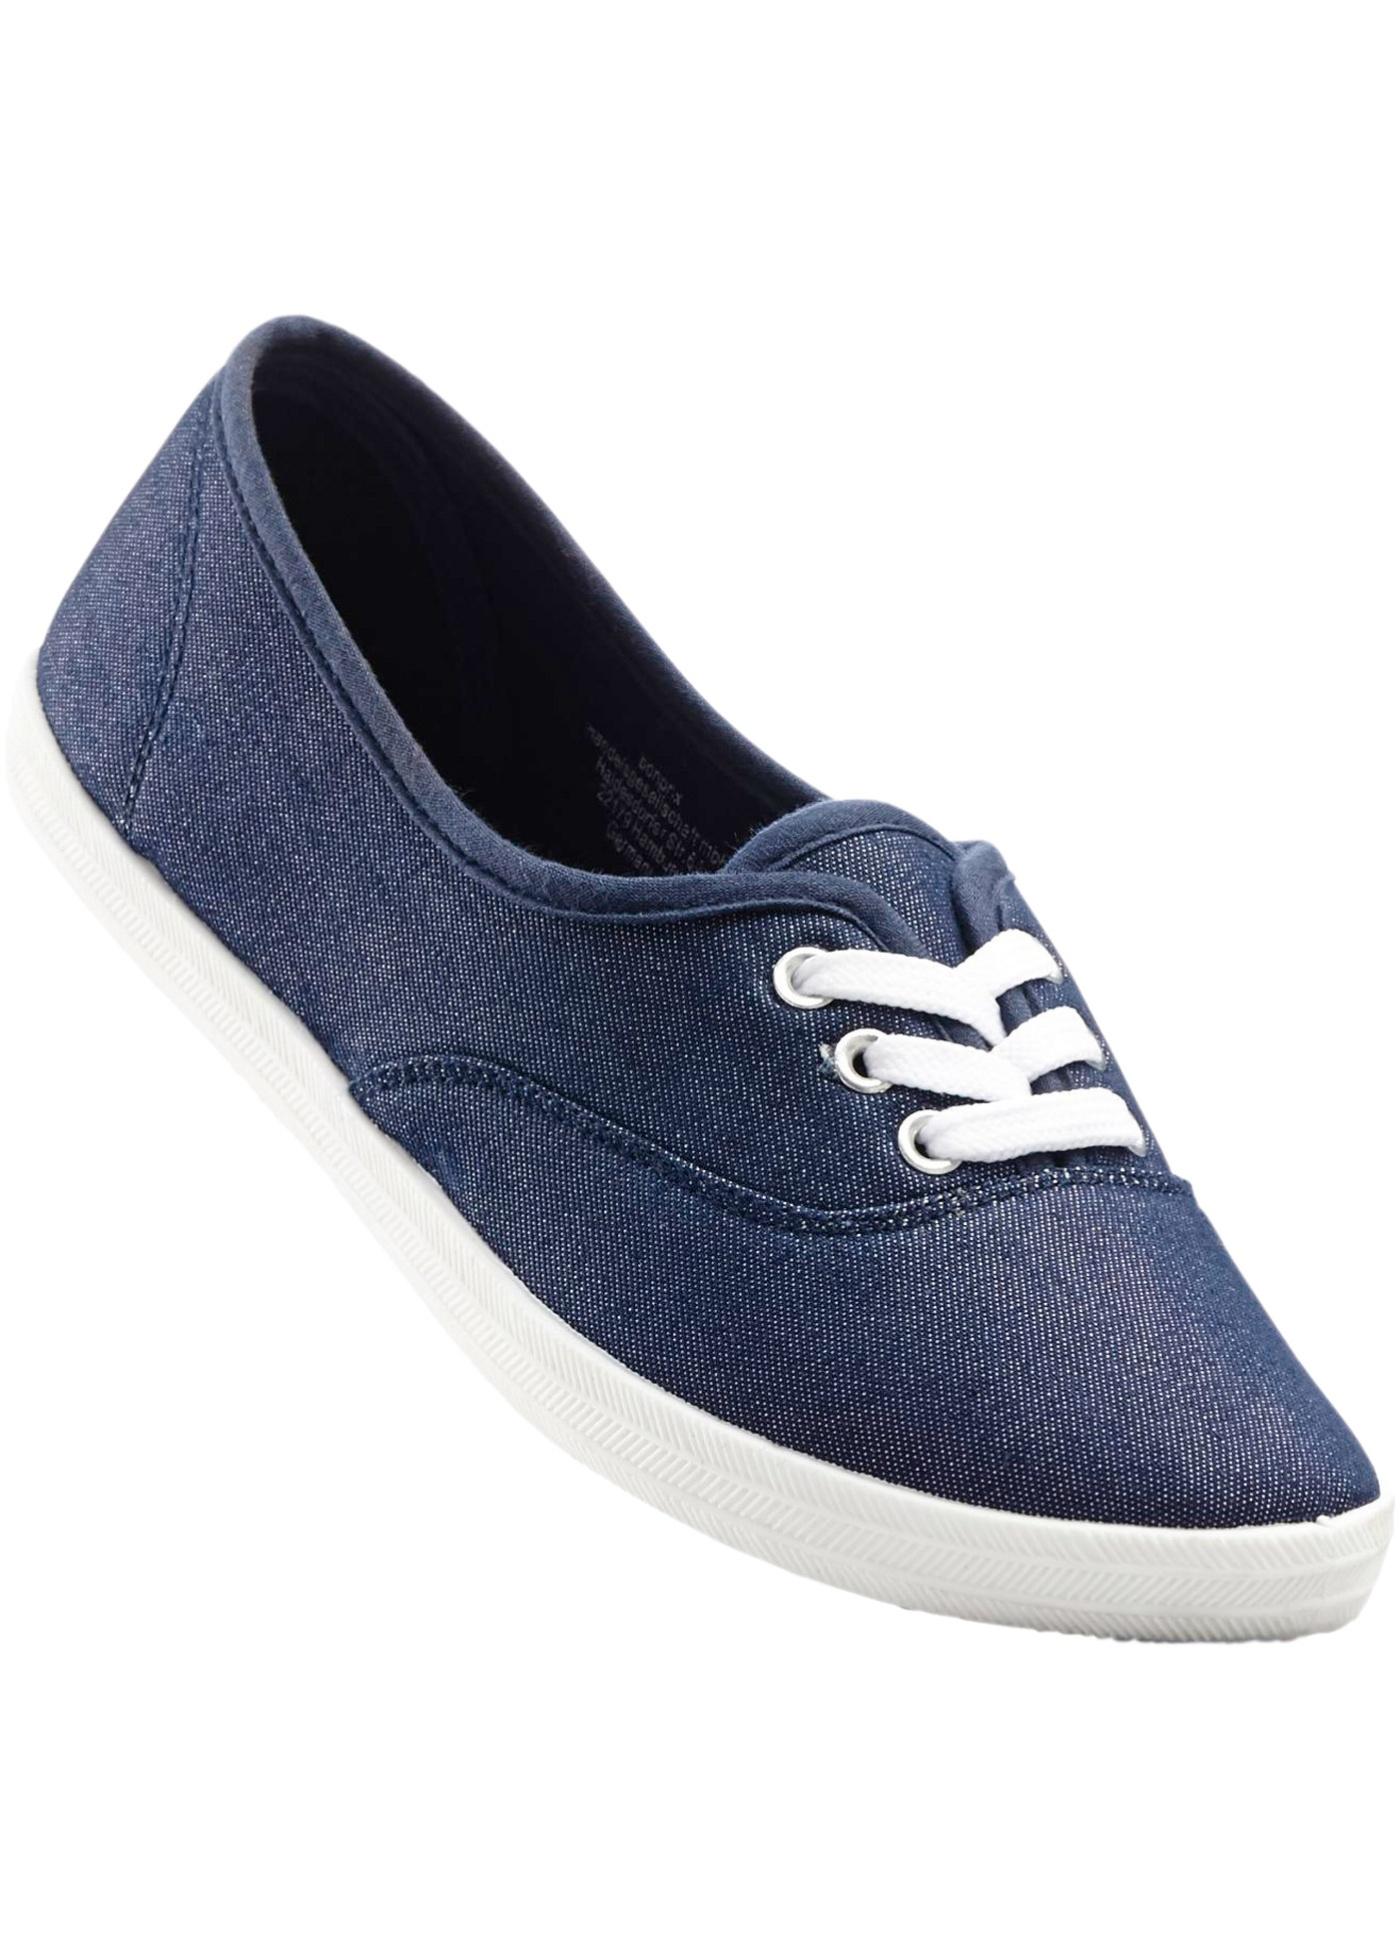 Panska letni vychazkova obuv levně  3fa1c72684